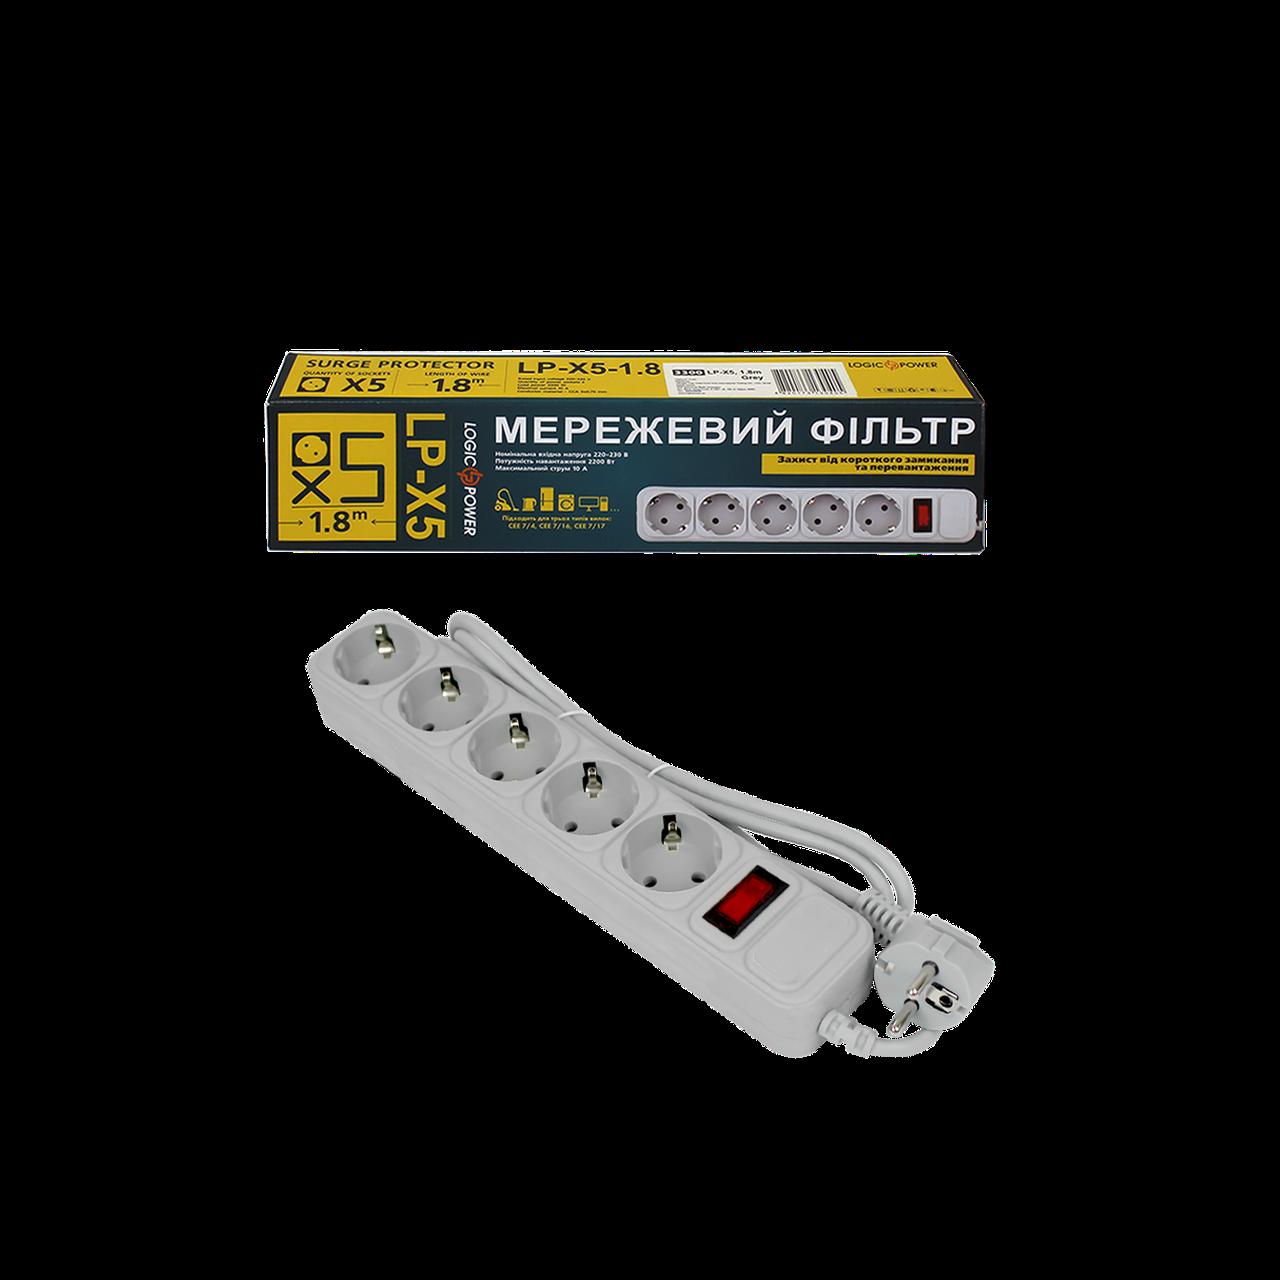 Фильтр-удлинитель сетевой LogicPower LP-X5, 5 розеток, цвет-серый, 1,8 m